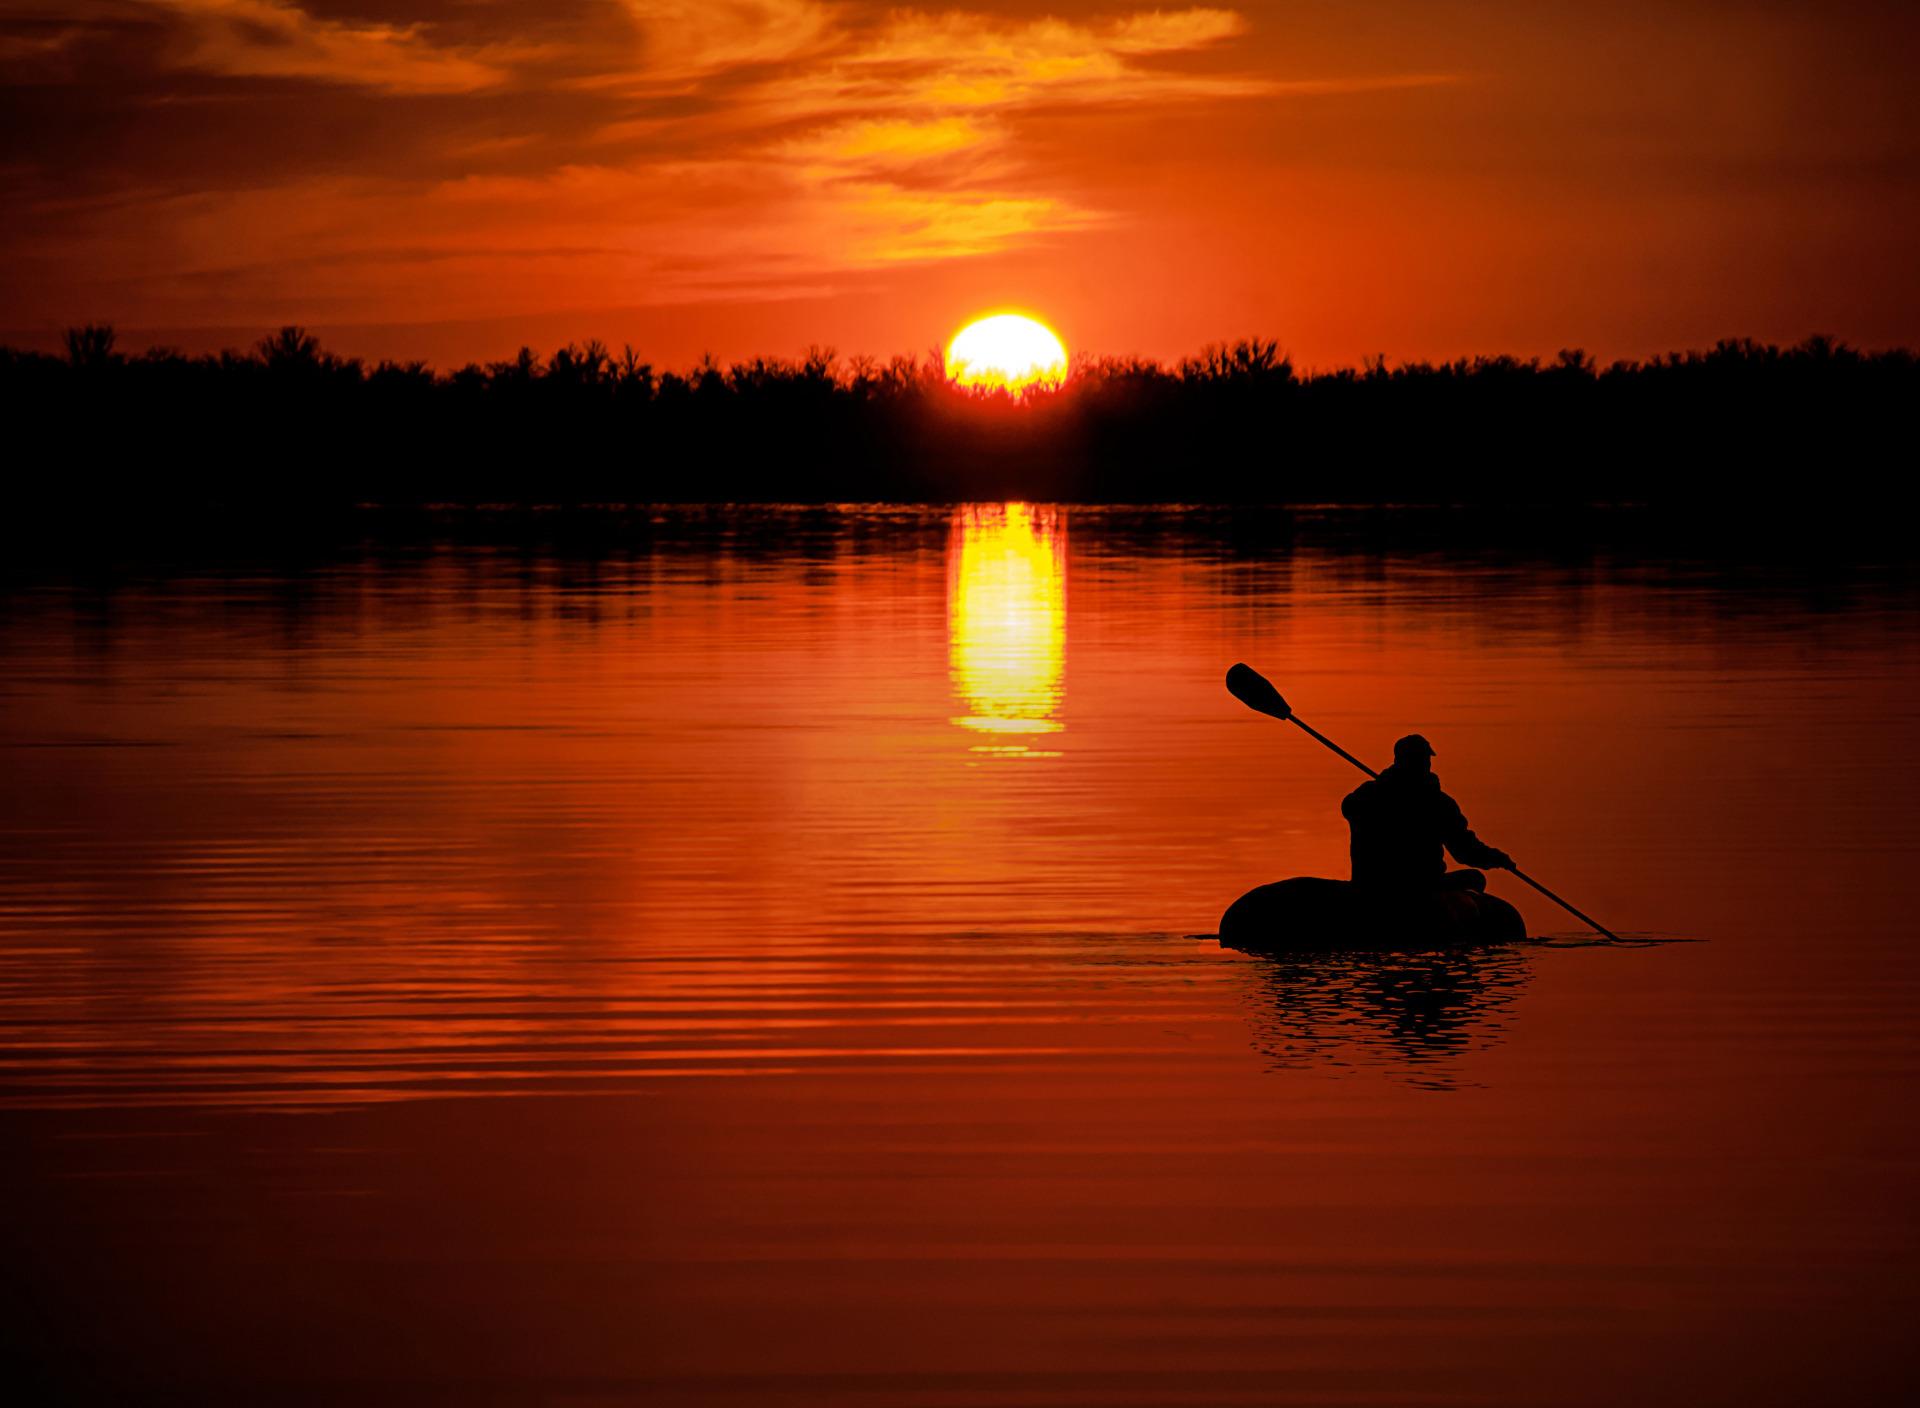 картинки человек в лодке на реке каждый день